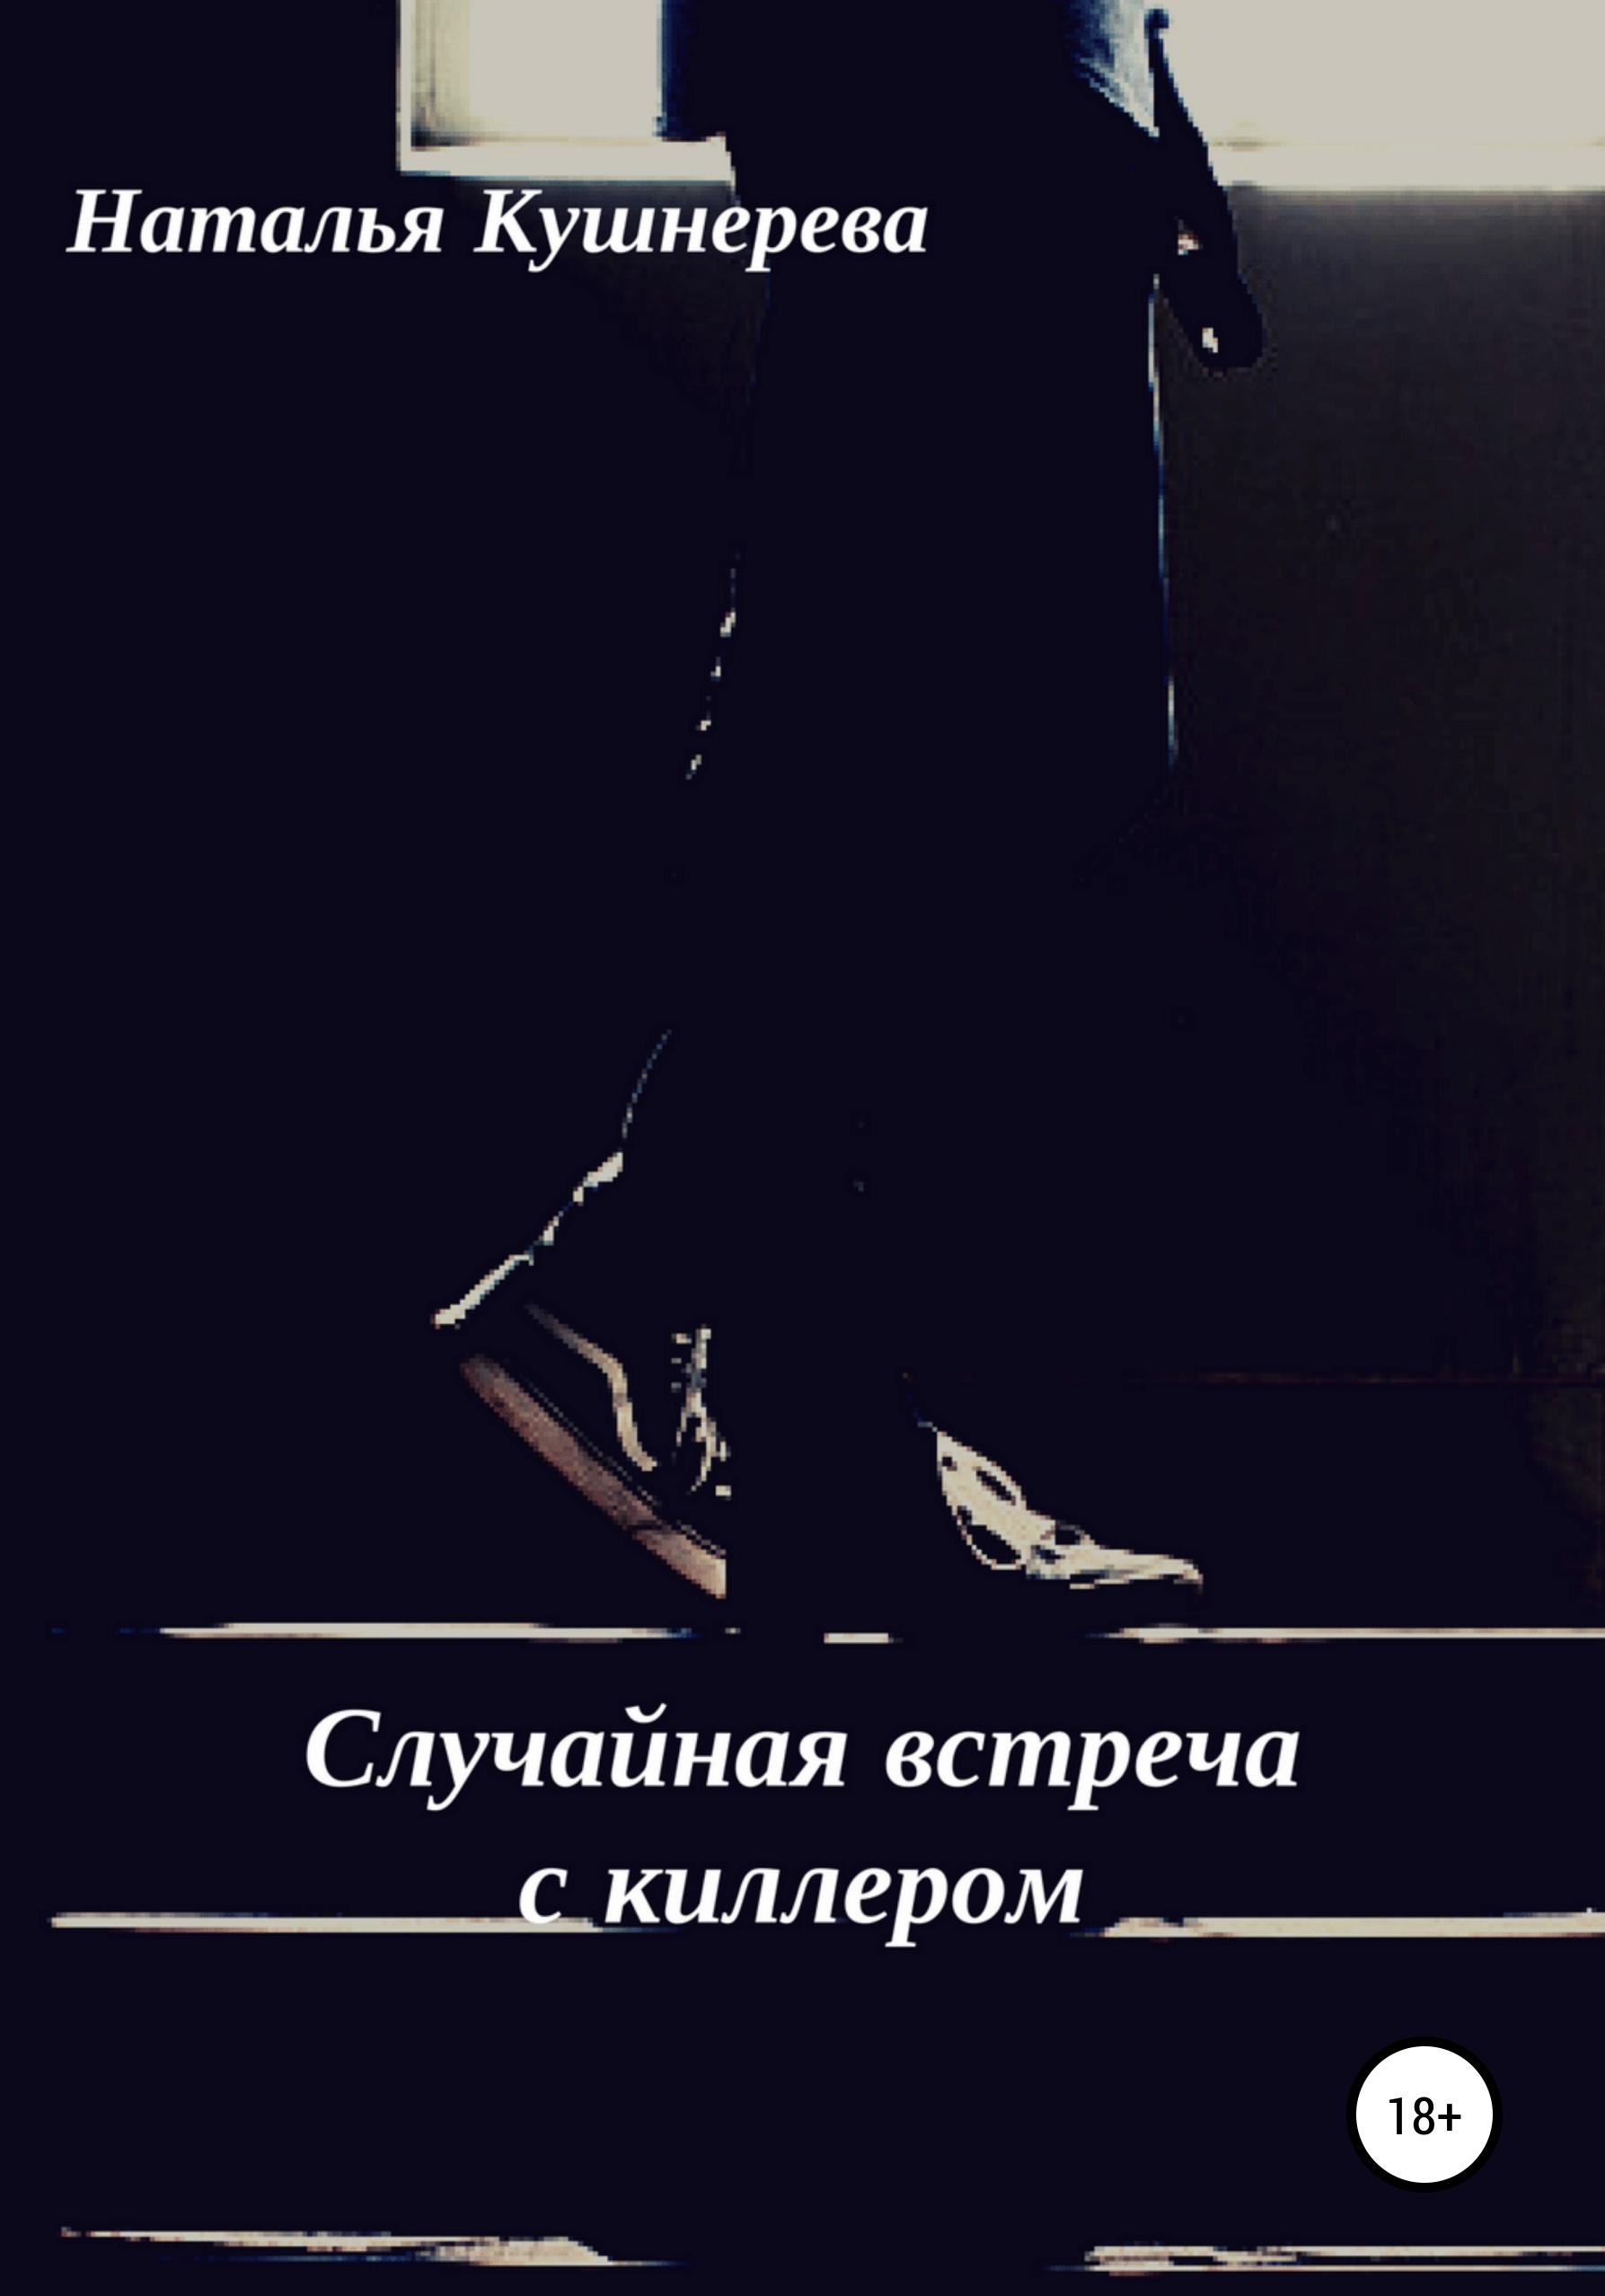 Случайная встреча с киллером ( Наталья Владимировна Кушнерёва  )